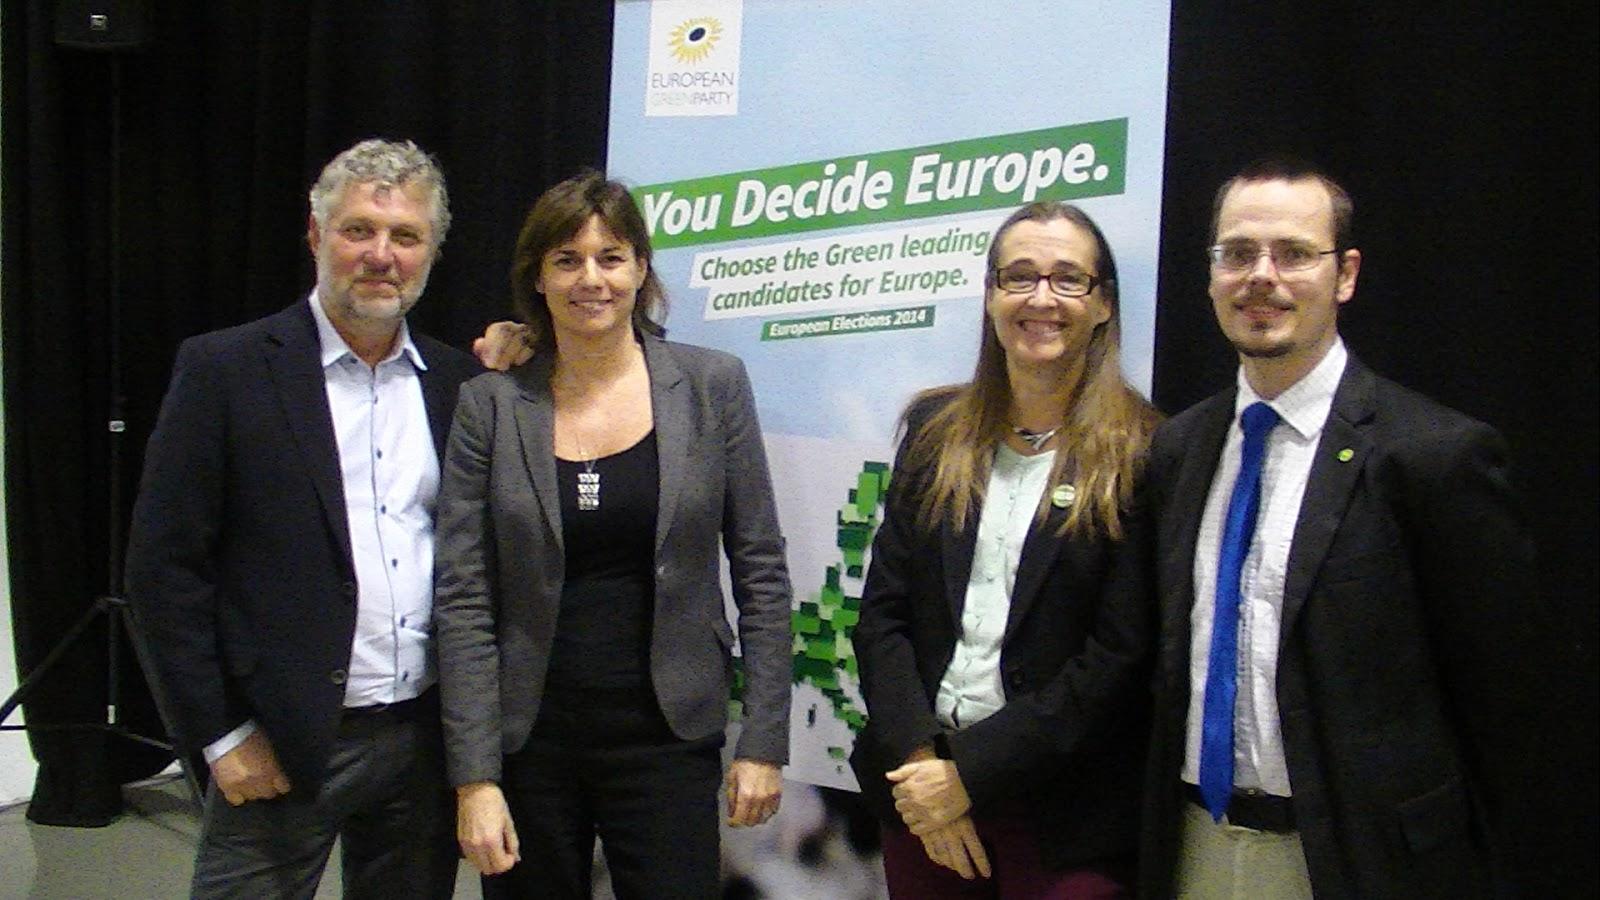 Miljöpartiets EU-valskandidater Peter Eriksson, Isabella Lövin, Bodil Ceballos och Max Andersson.